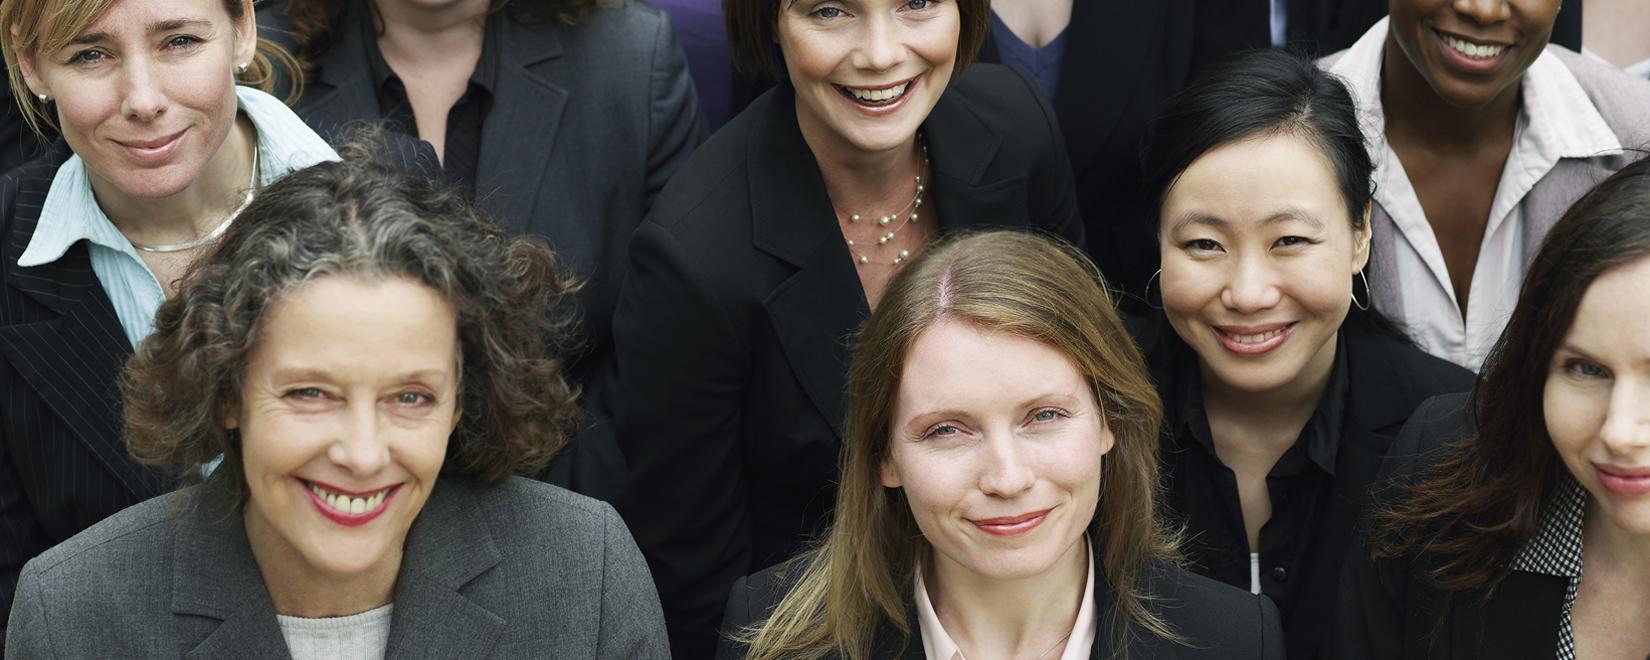 Bilder vom Frauenstreik: So gigantisch waren die - Watson